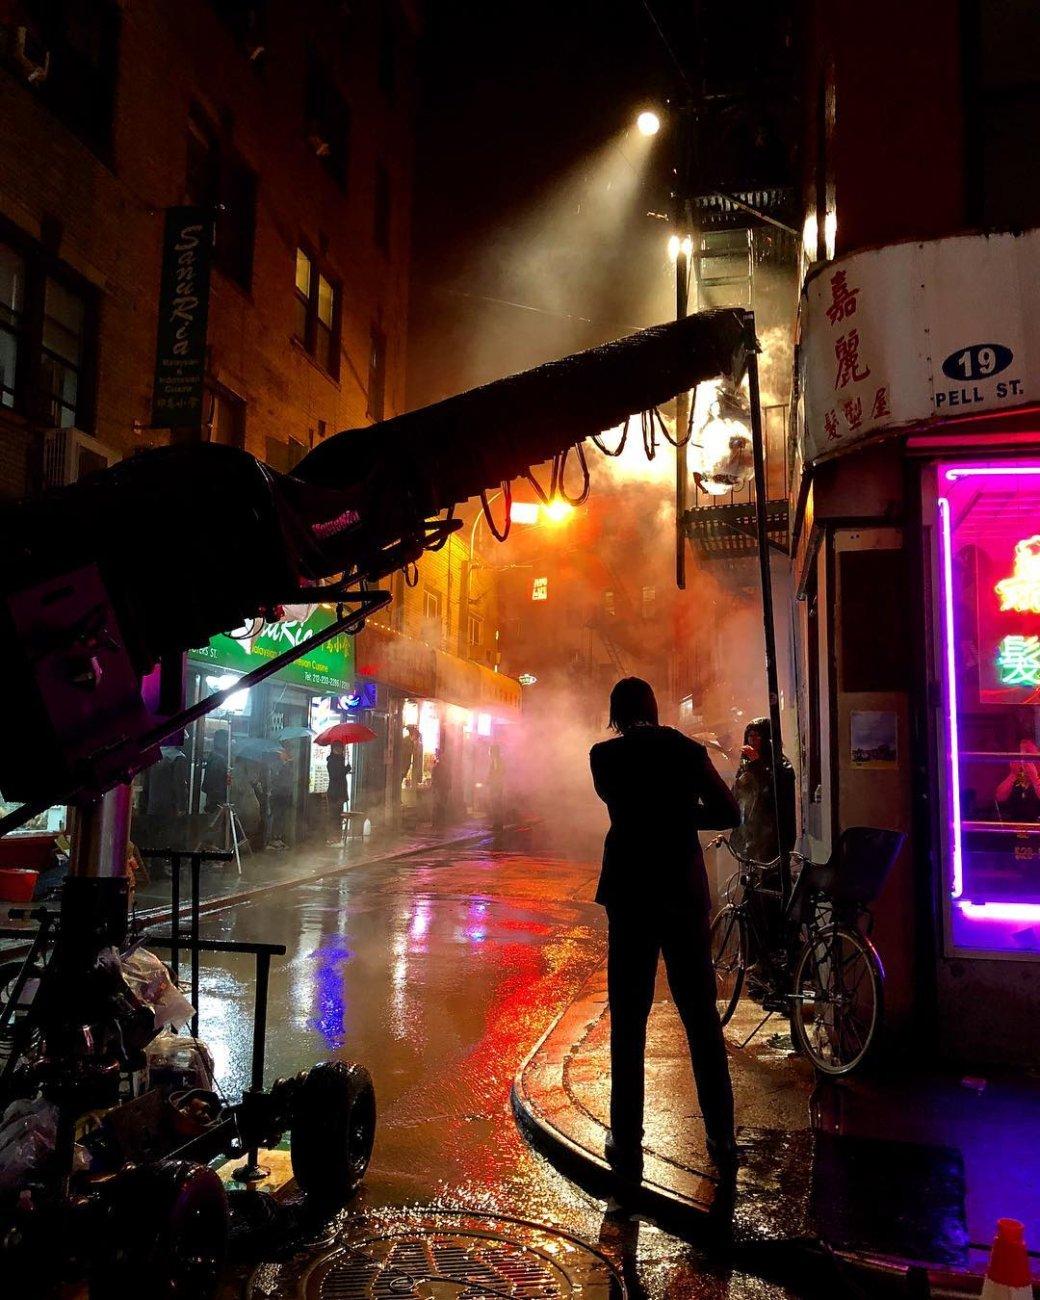 Начались съемки третьего «Джона Уика». Первое фото сплощадки уже здесь. - Изображение 1